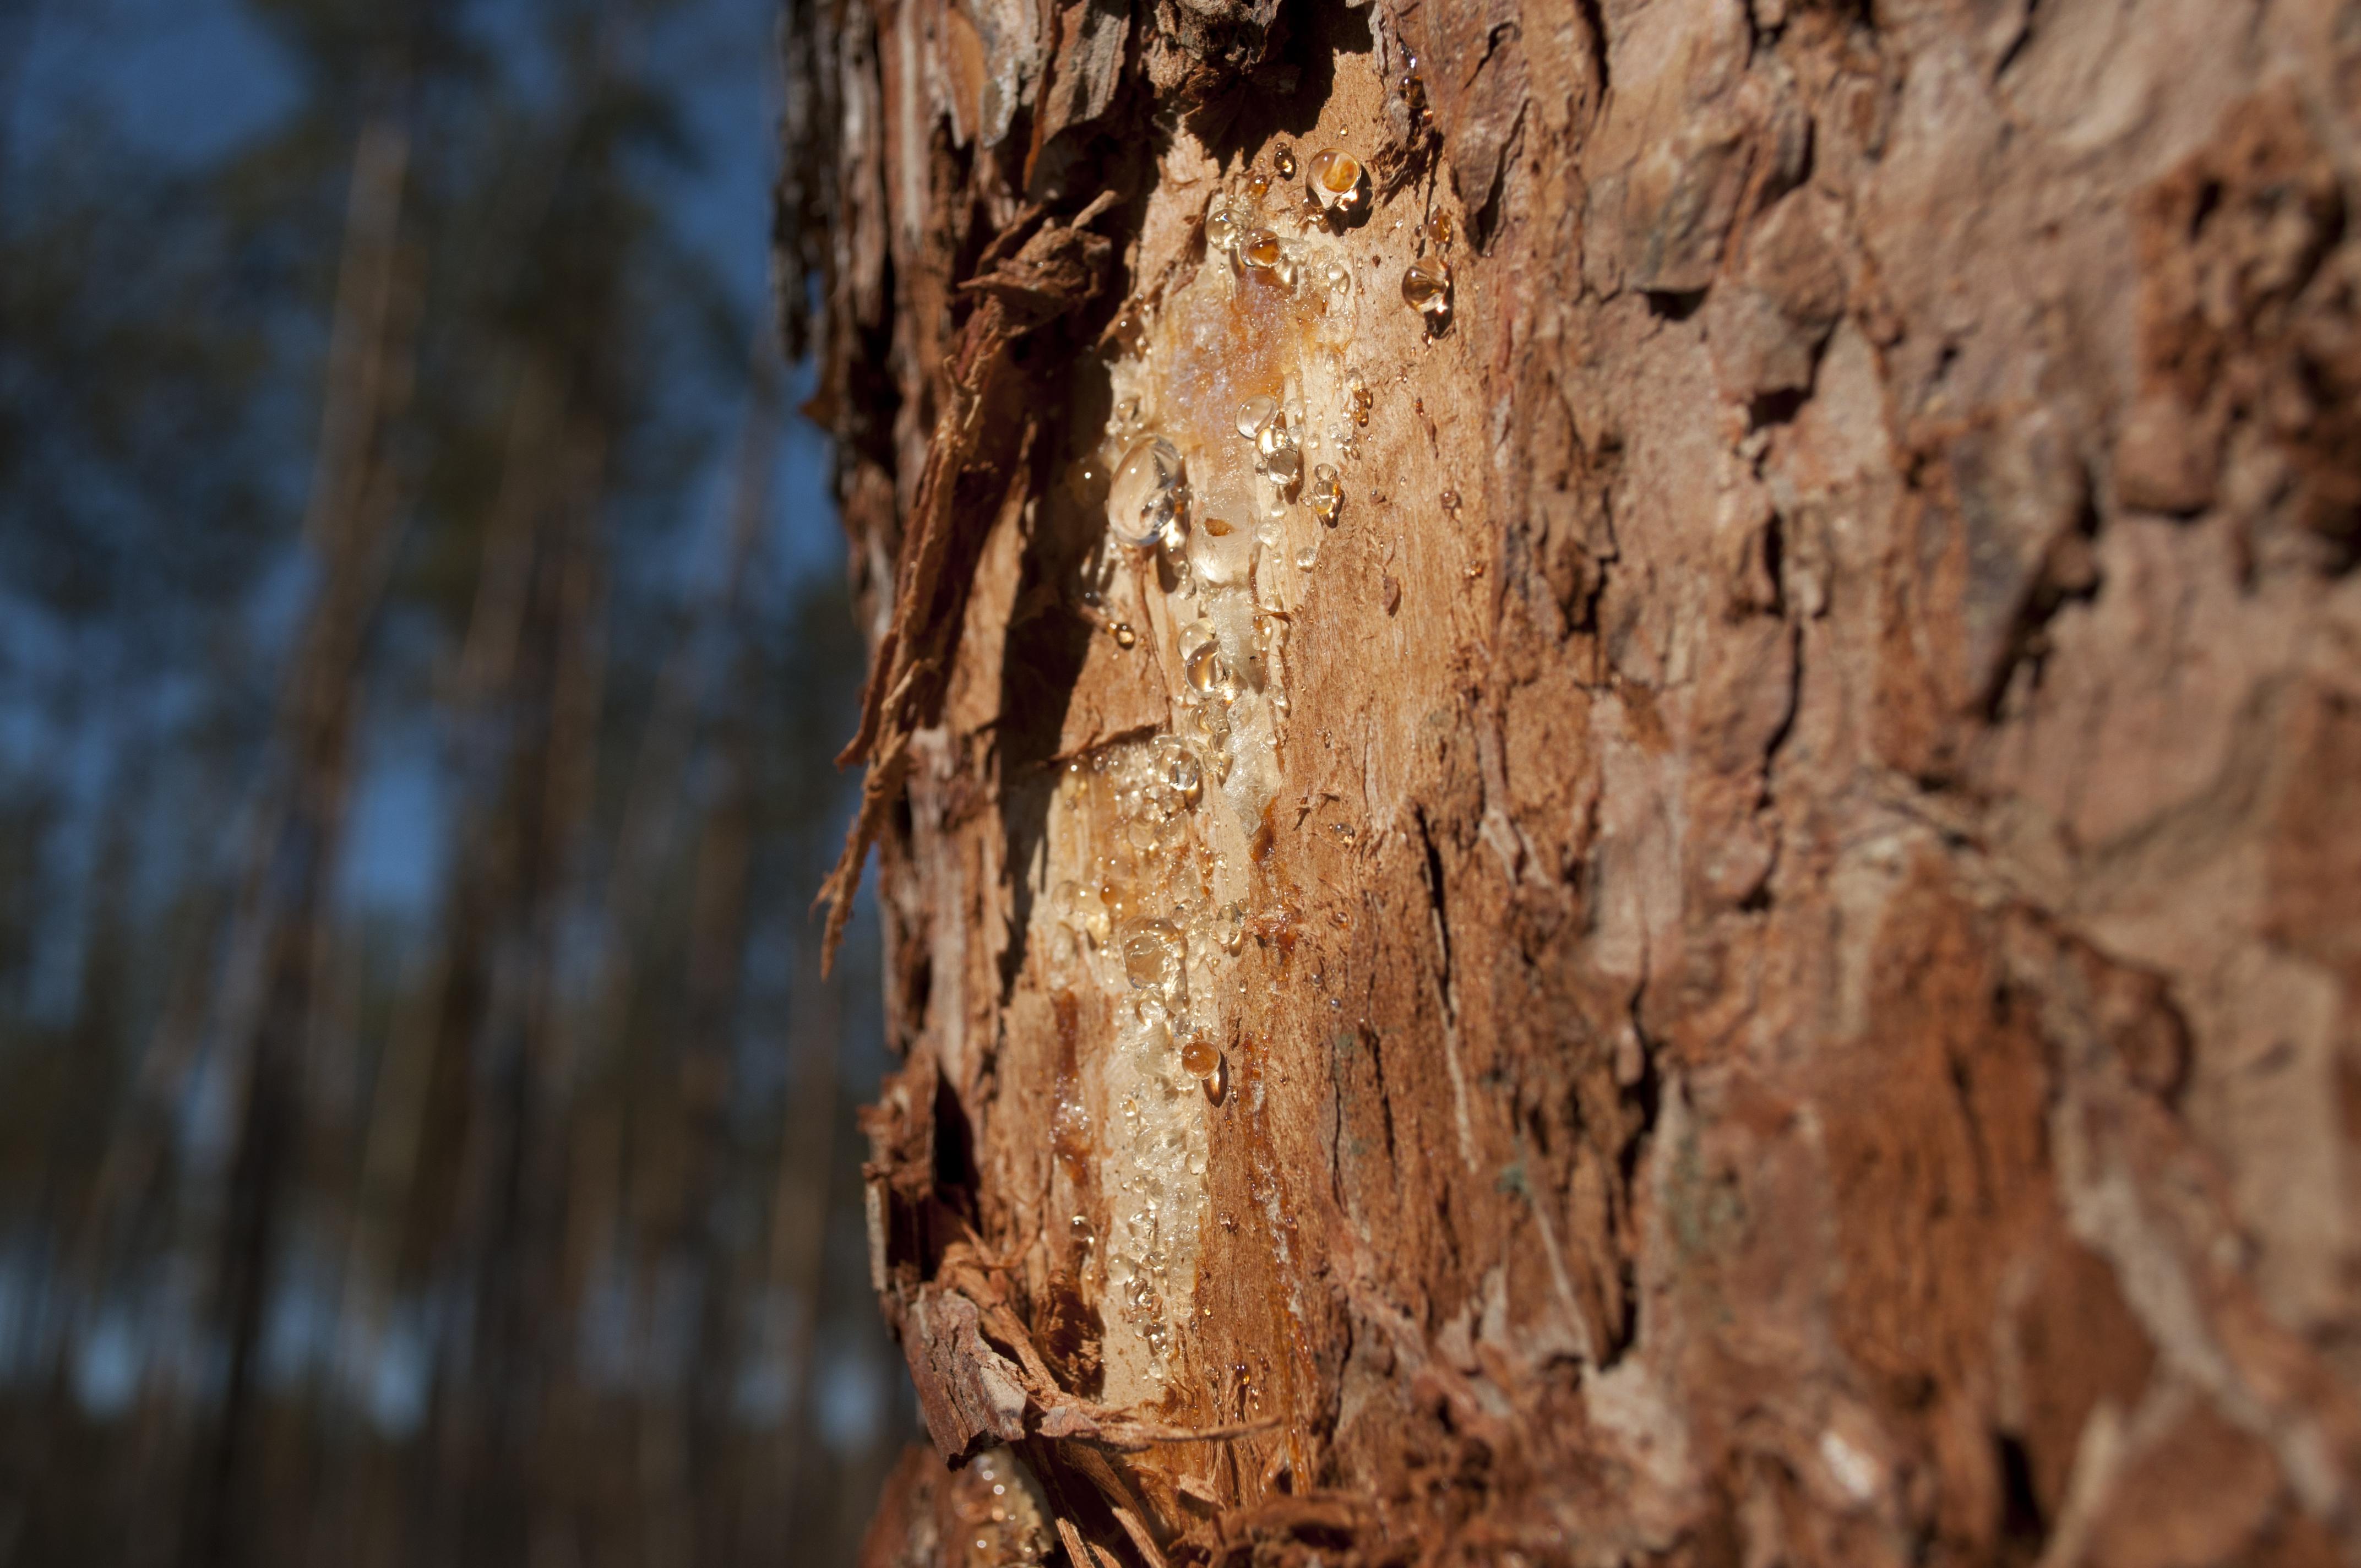 Tree Bark, Bark, Cracked, Texture, Tree, HQ Photo